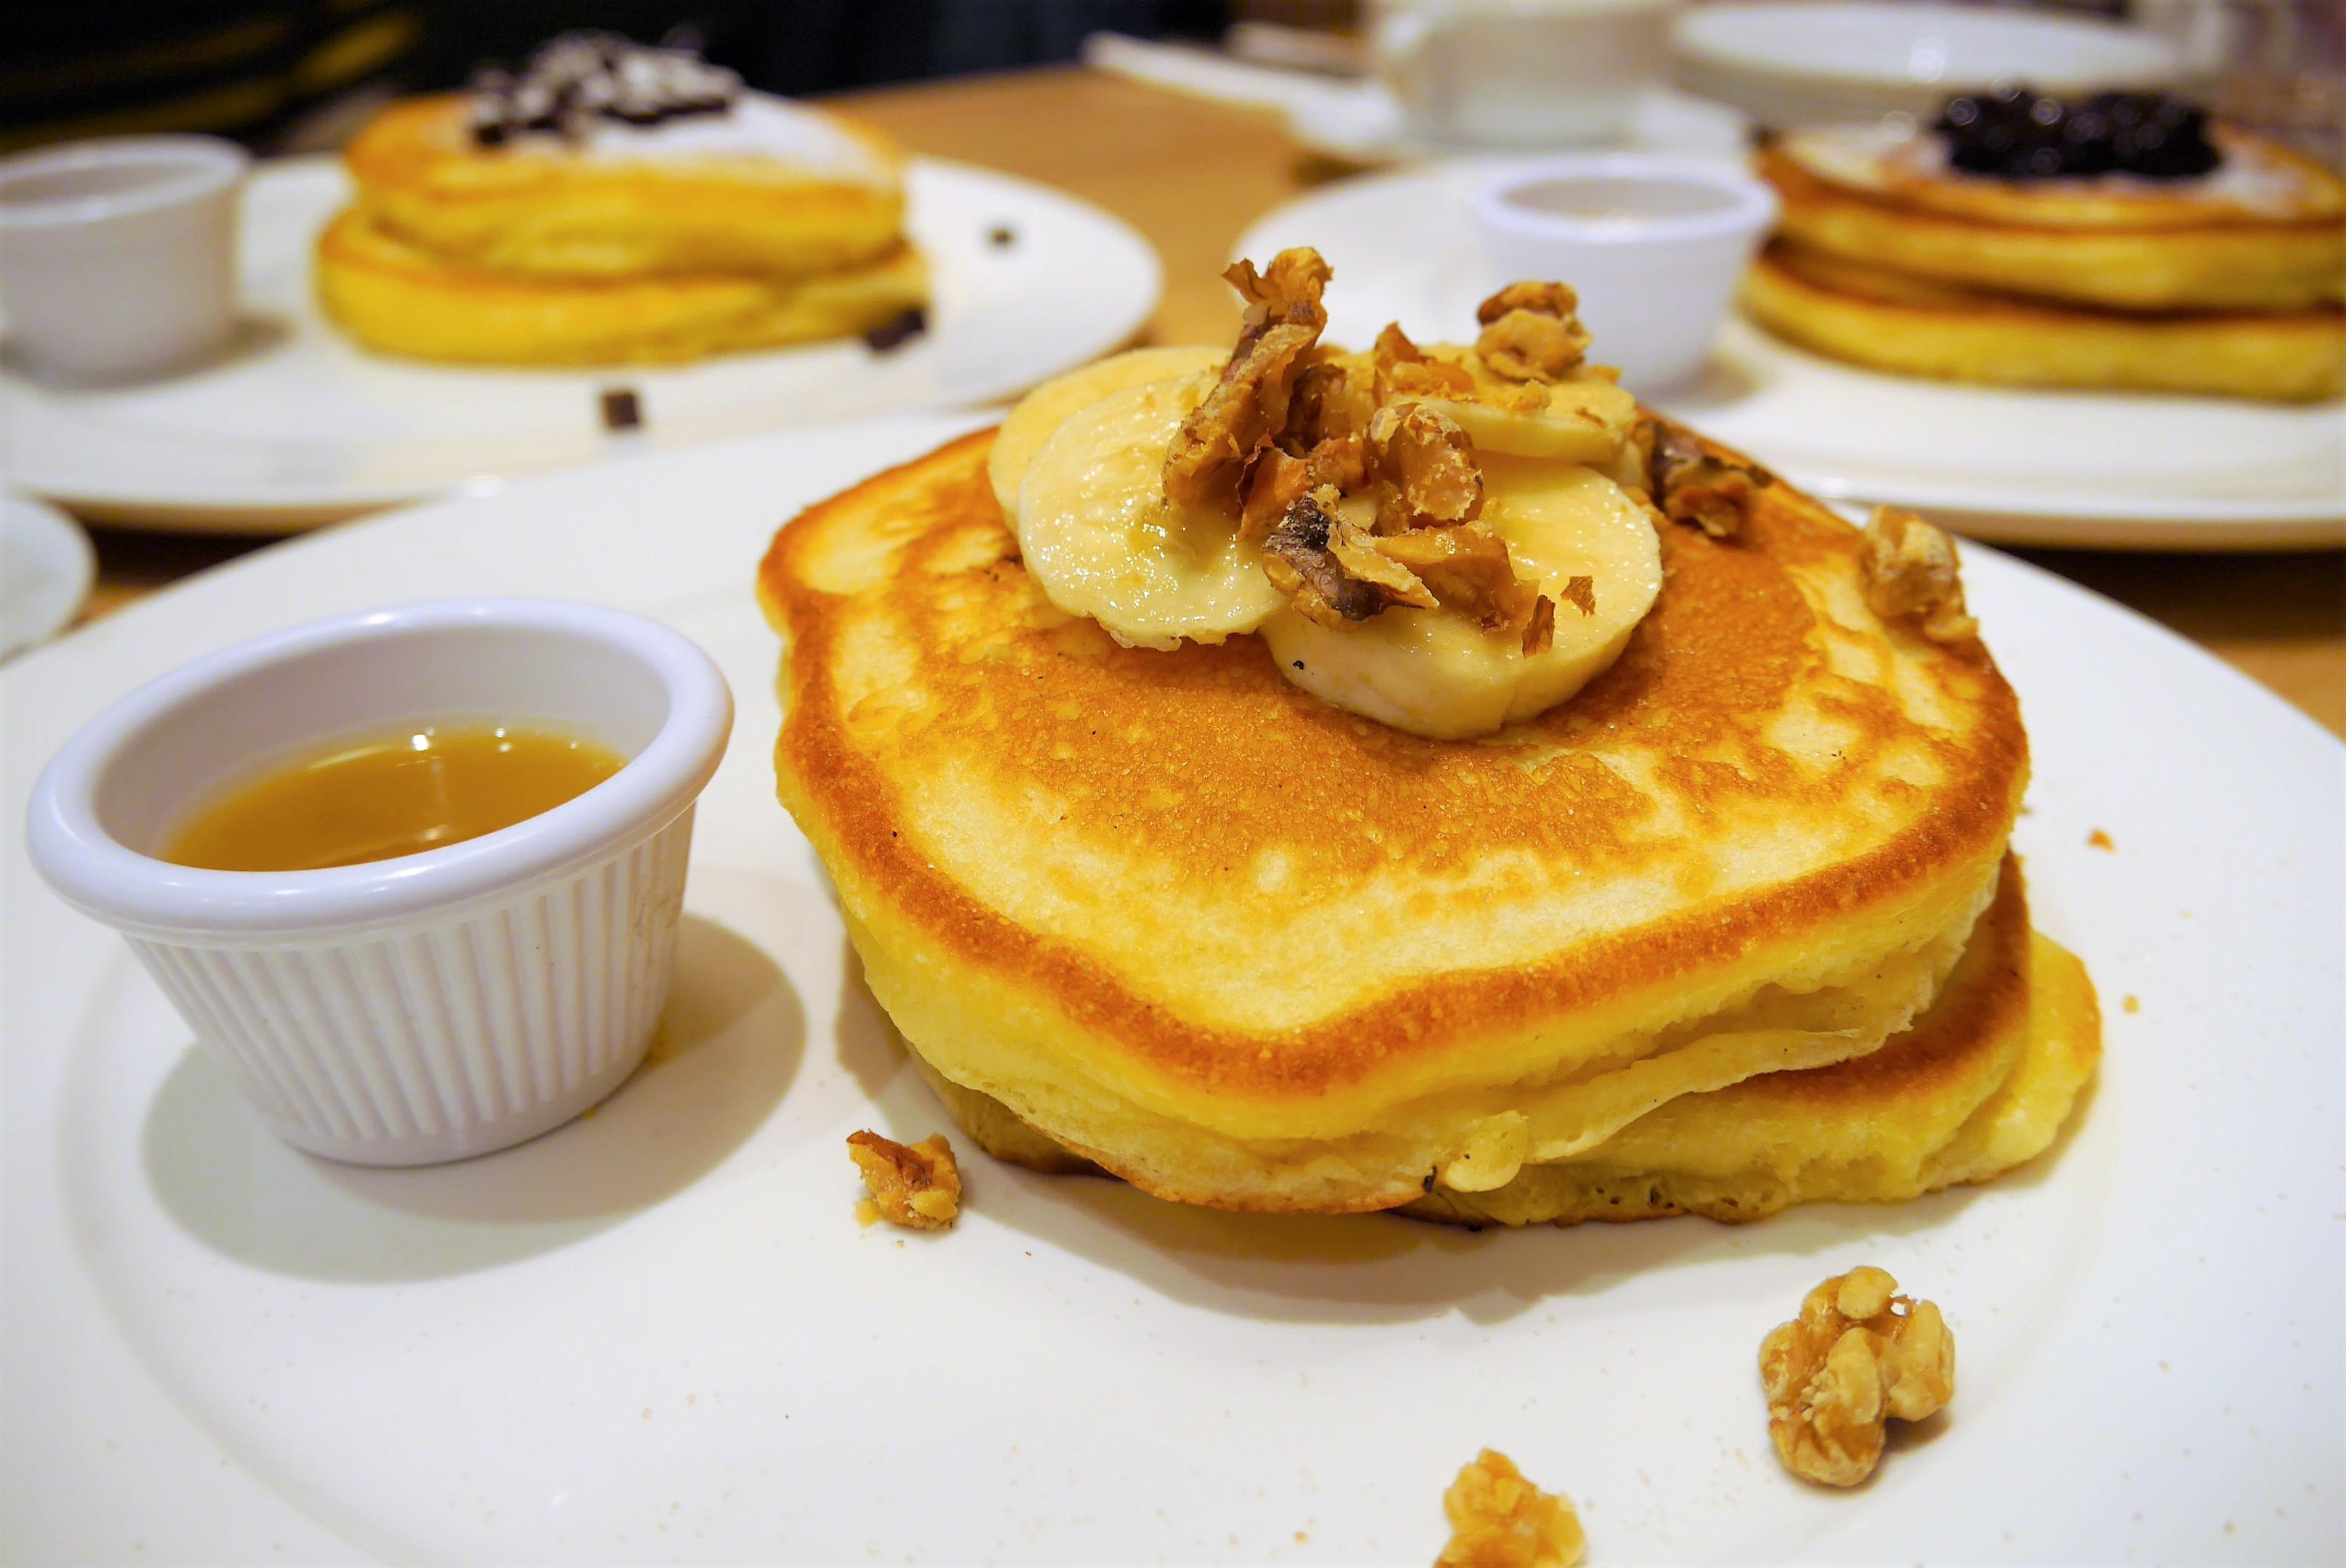 名古屋のクリントン・ストリート・ベイキング・カンパニーでパンケーキを食べ比べ【ゲートタワー】